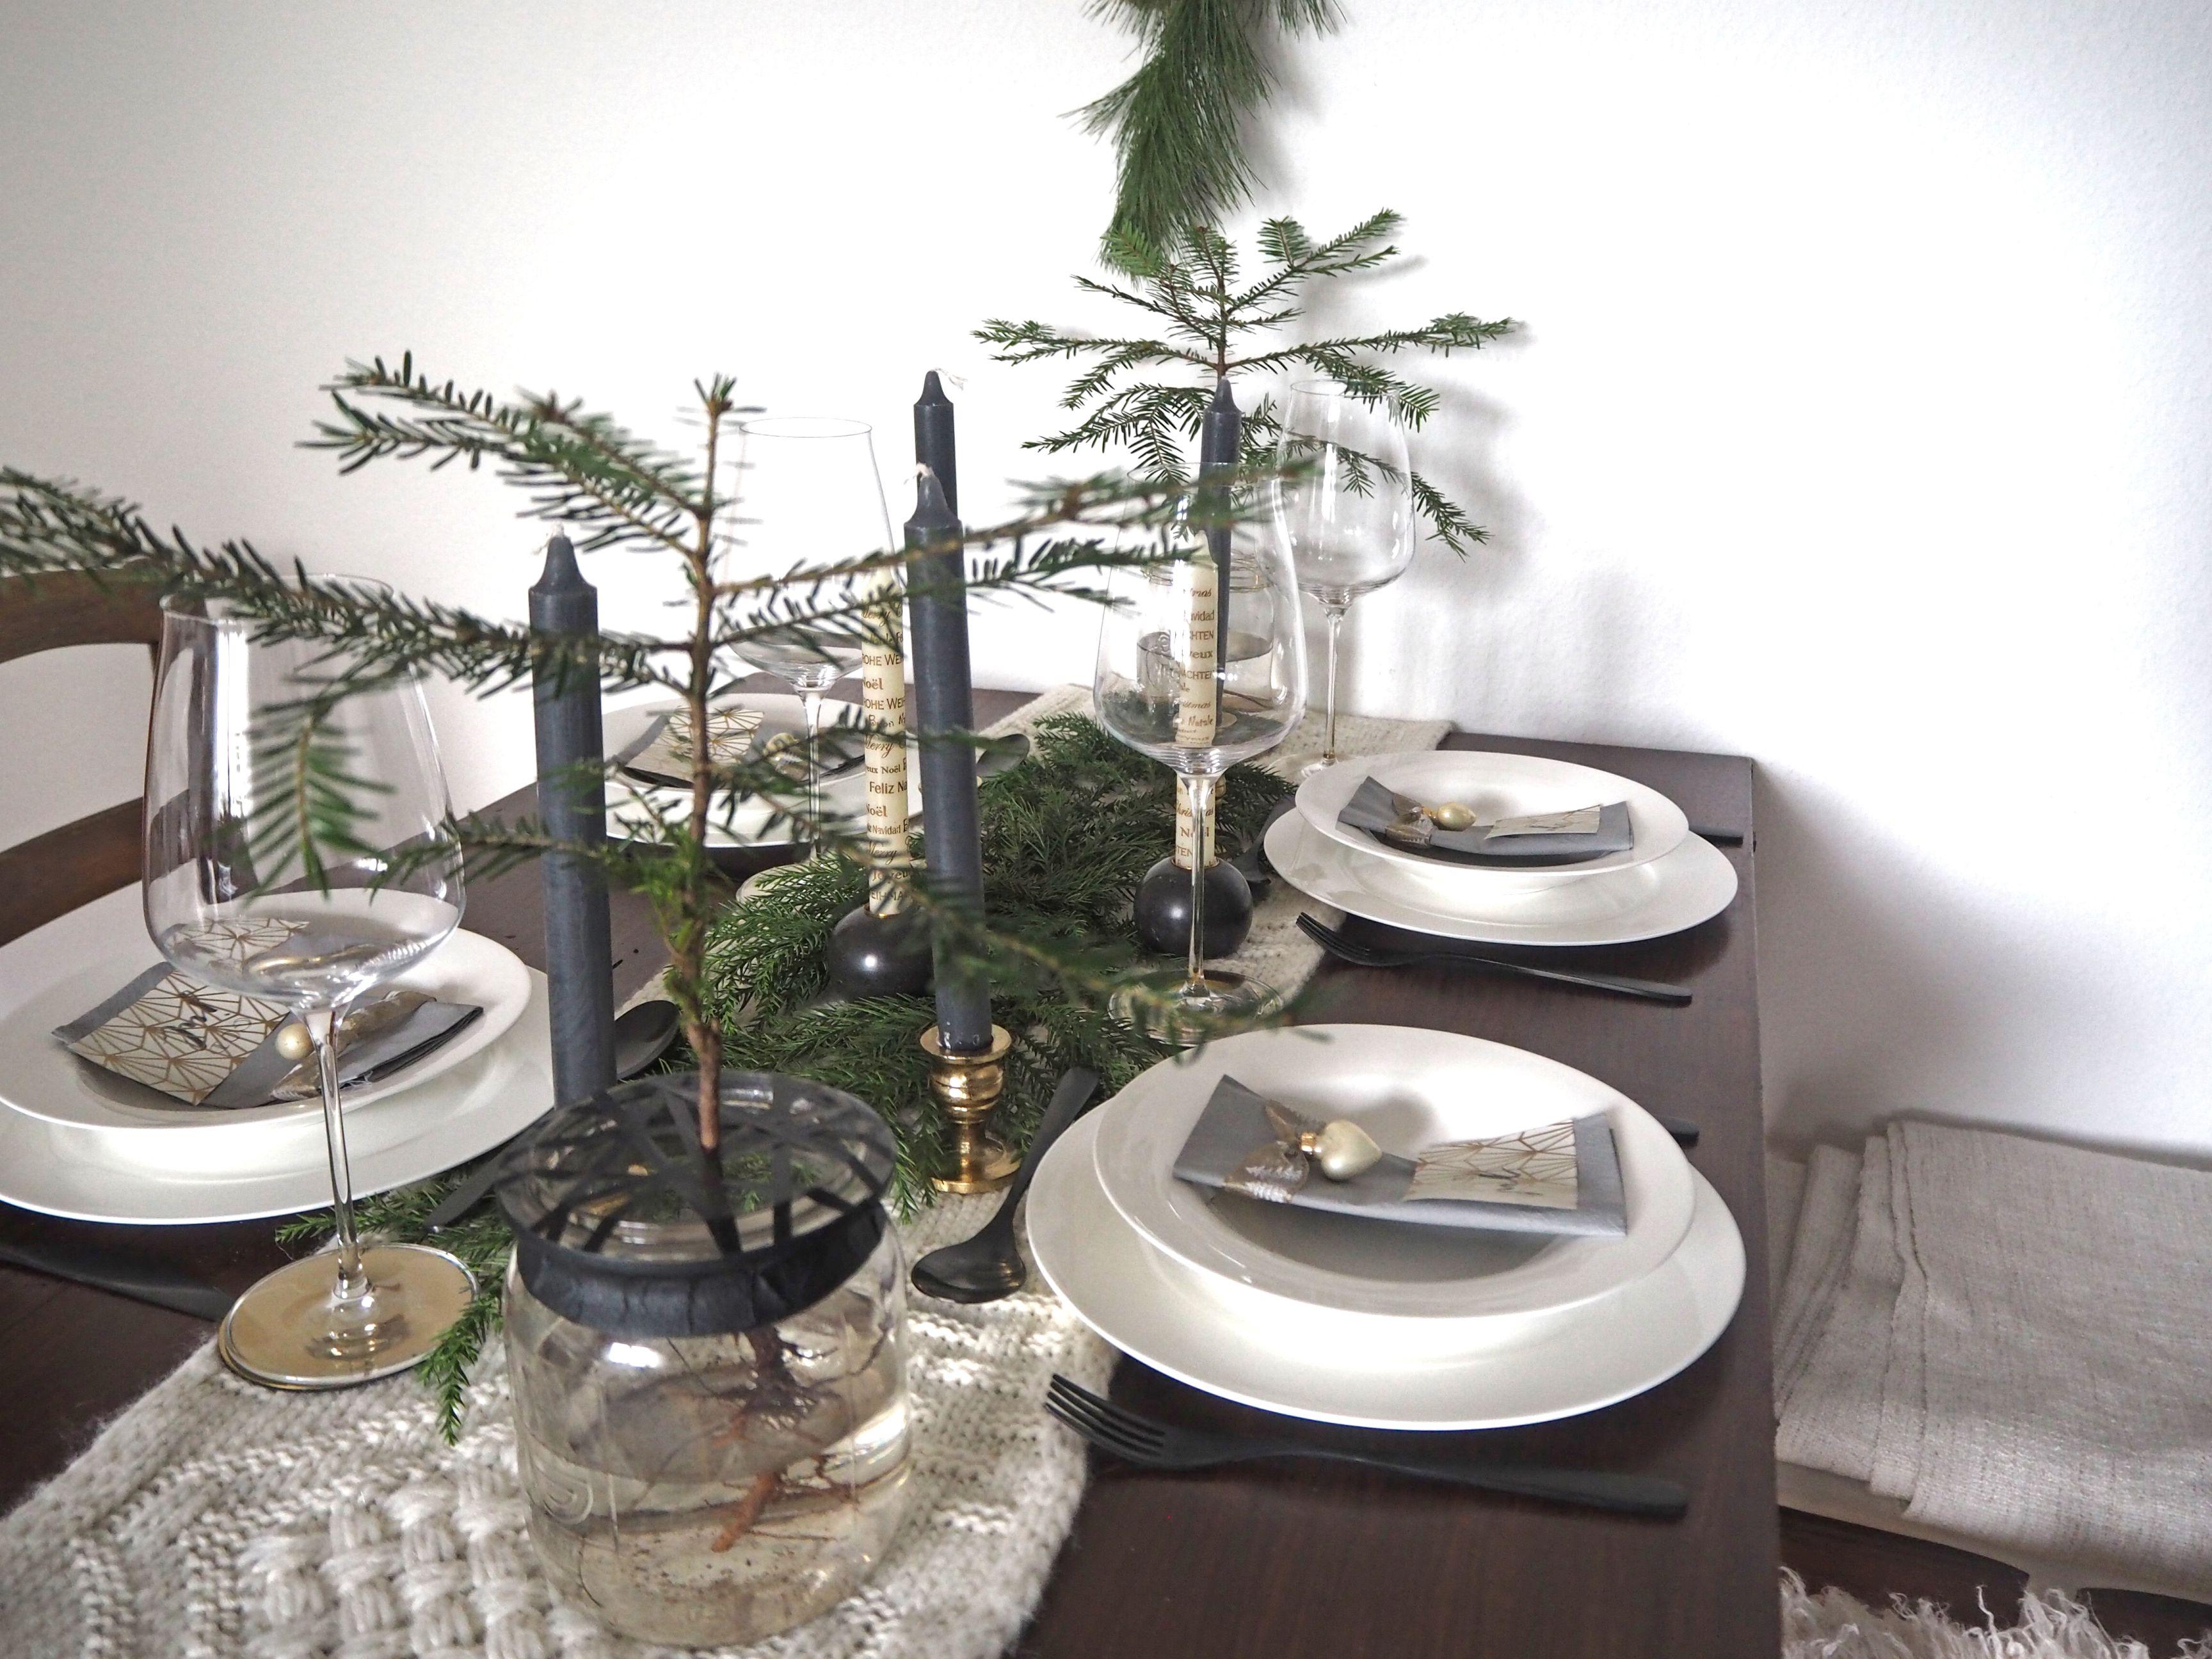 2018-skoen-och-kreativ-interior-tischdeko-festliche-tischdekoration-im-skandi-stil-weihnachten-god-jul-tabledecor (5)